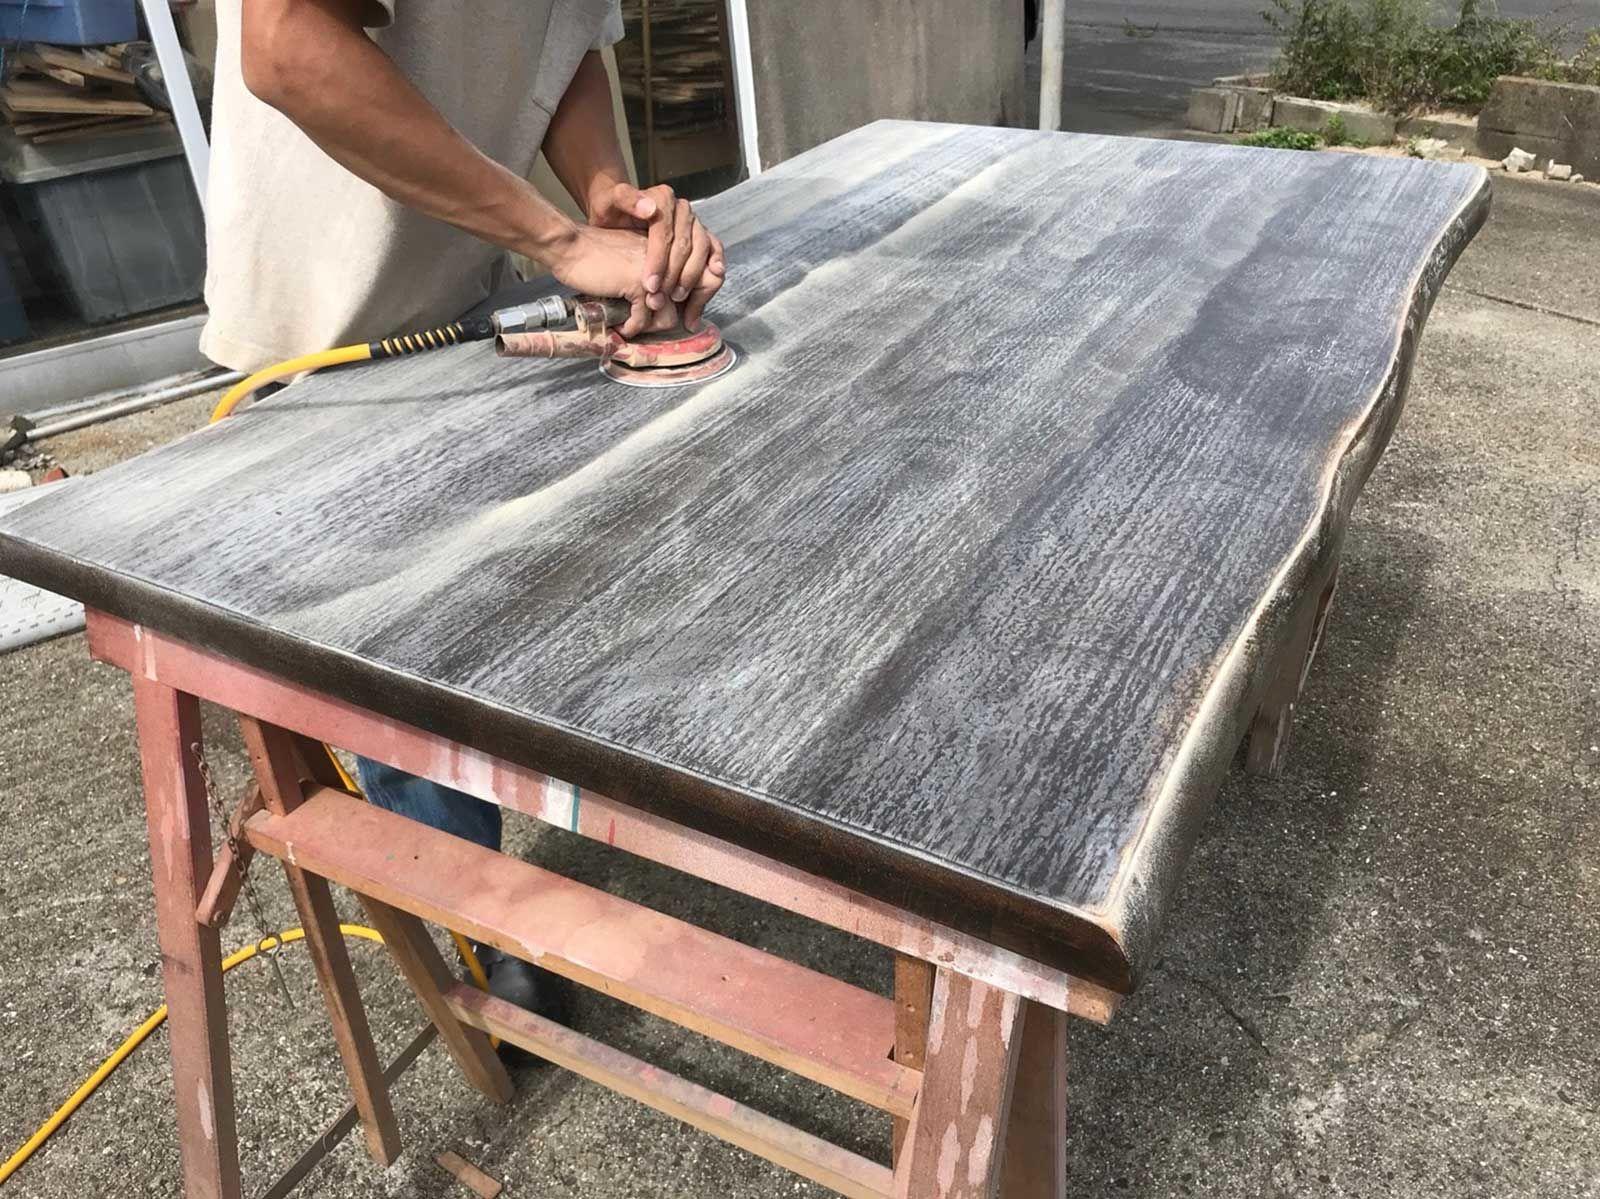 塗装をはがして明るい色味にするため、丁寧にテーブルを磨いていきます